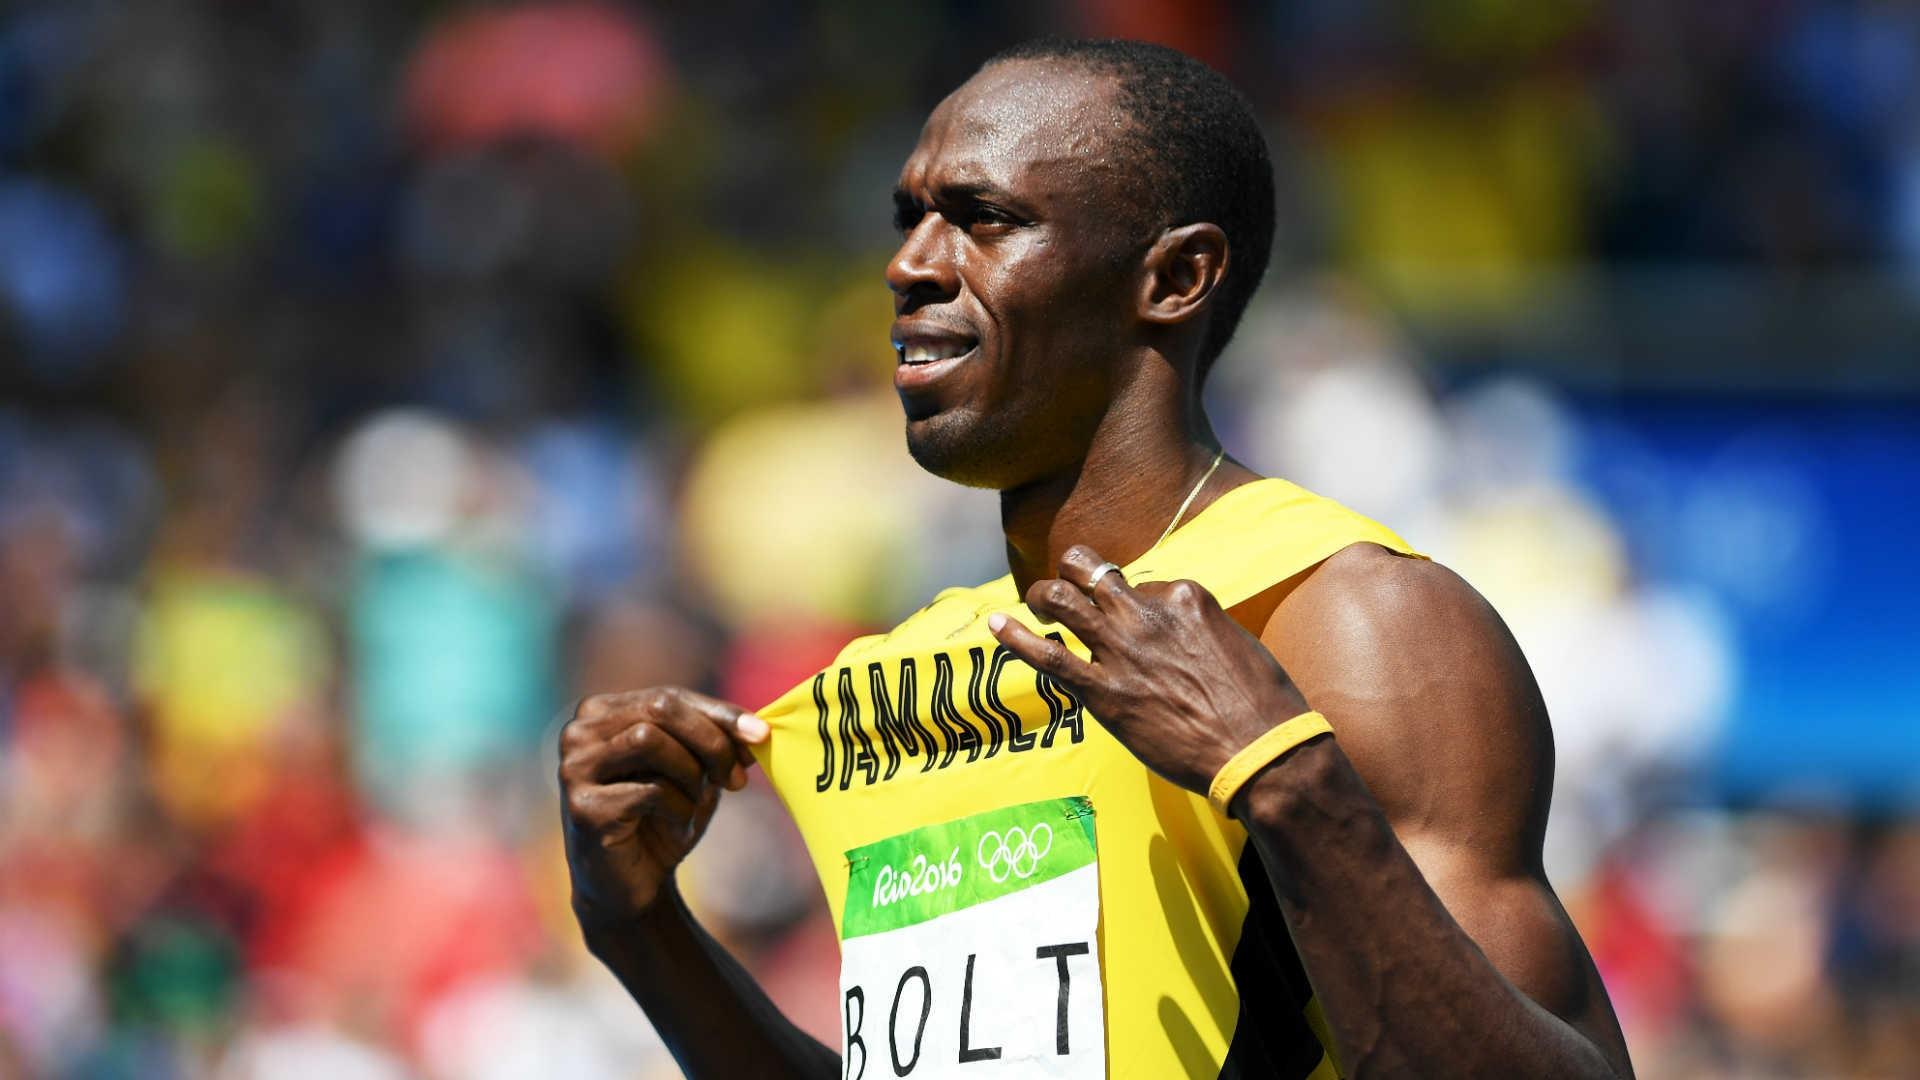 Usain Bolt Computer Wallpapers